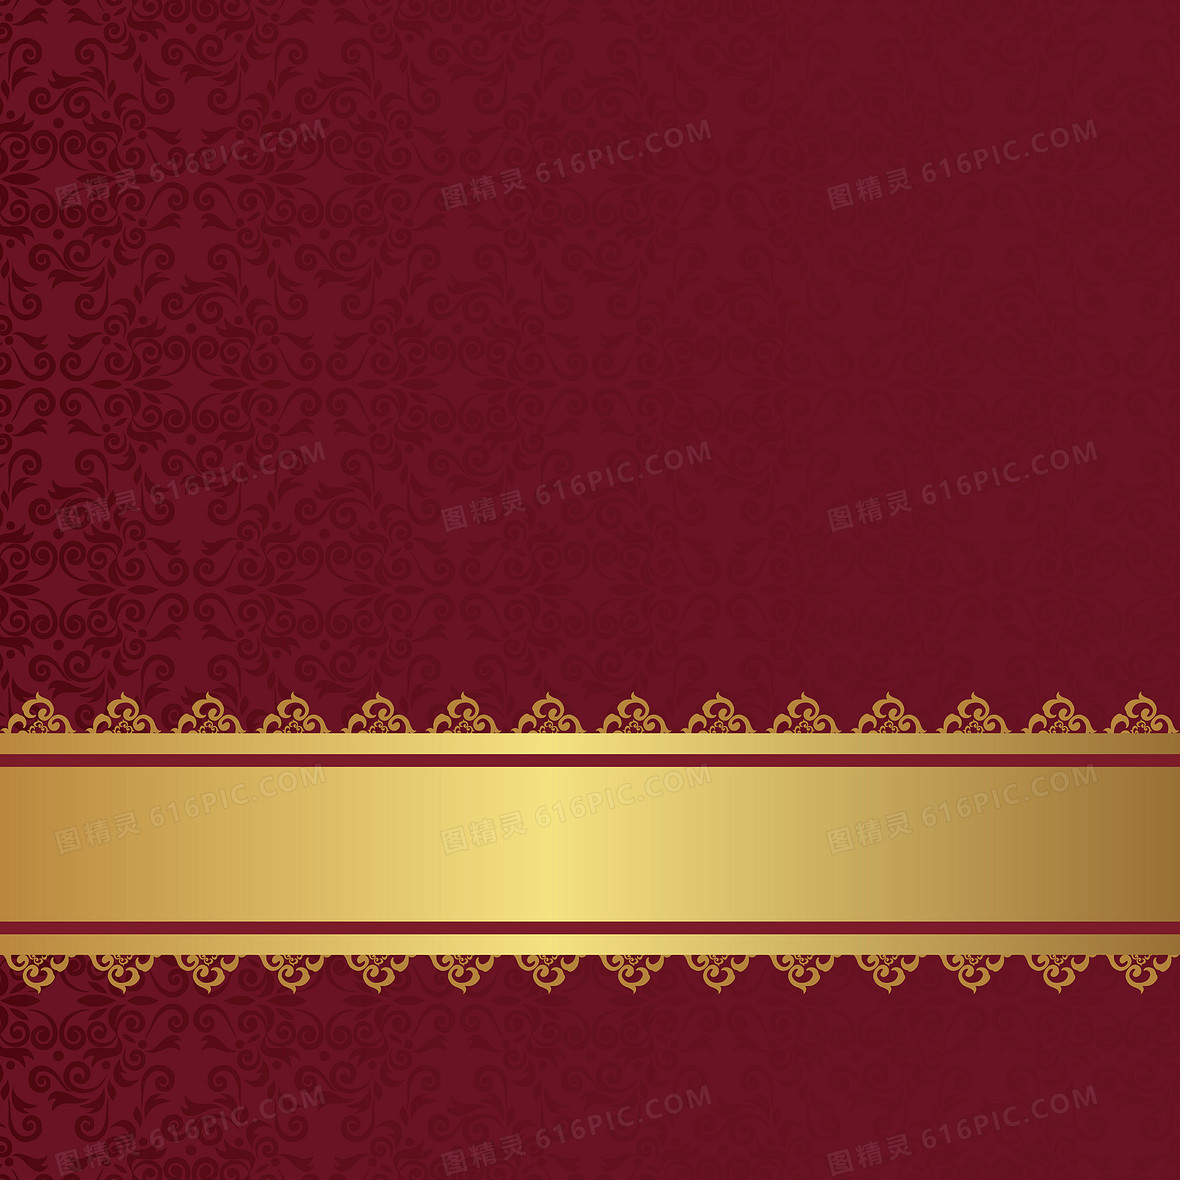 酒红色花纹背景矢量背景